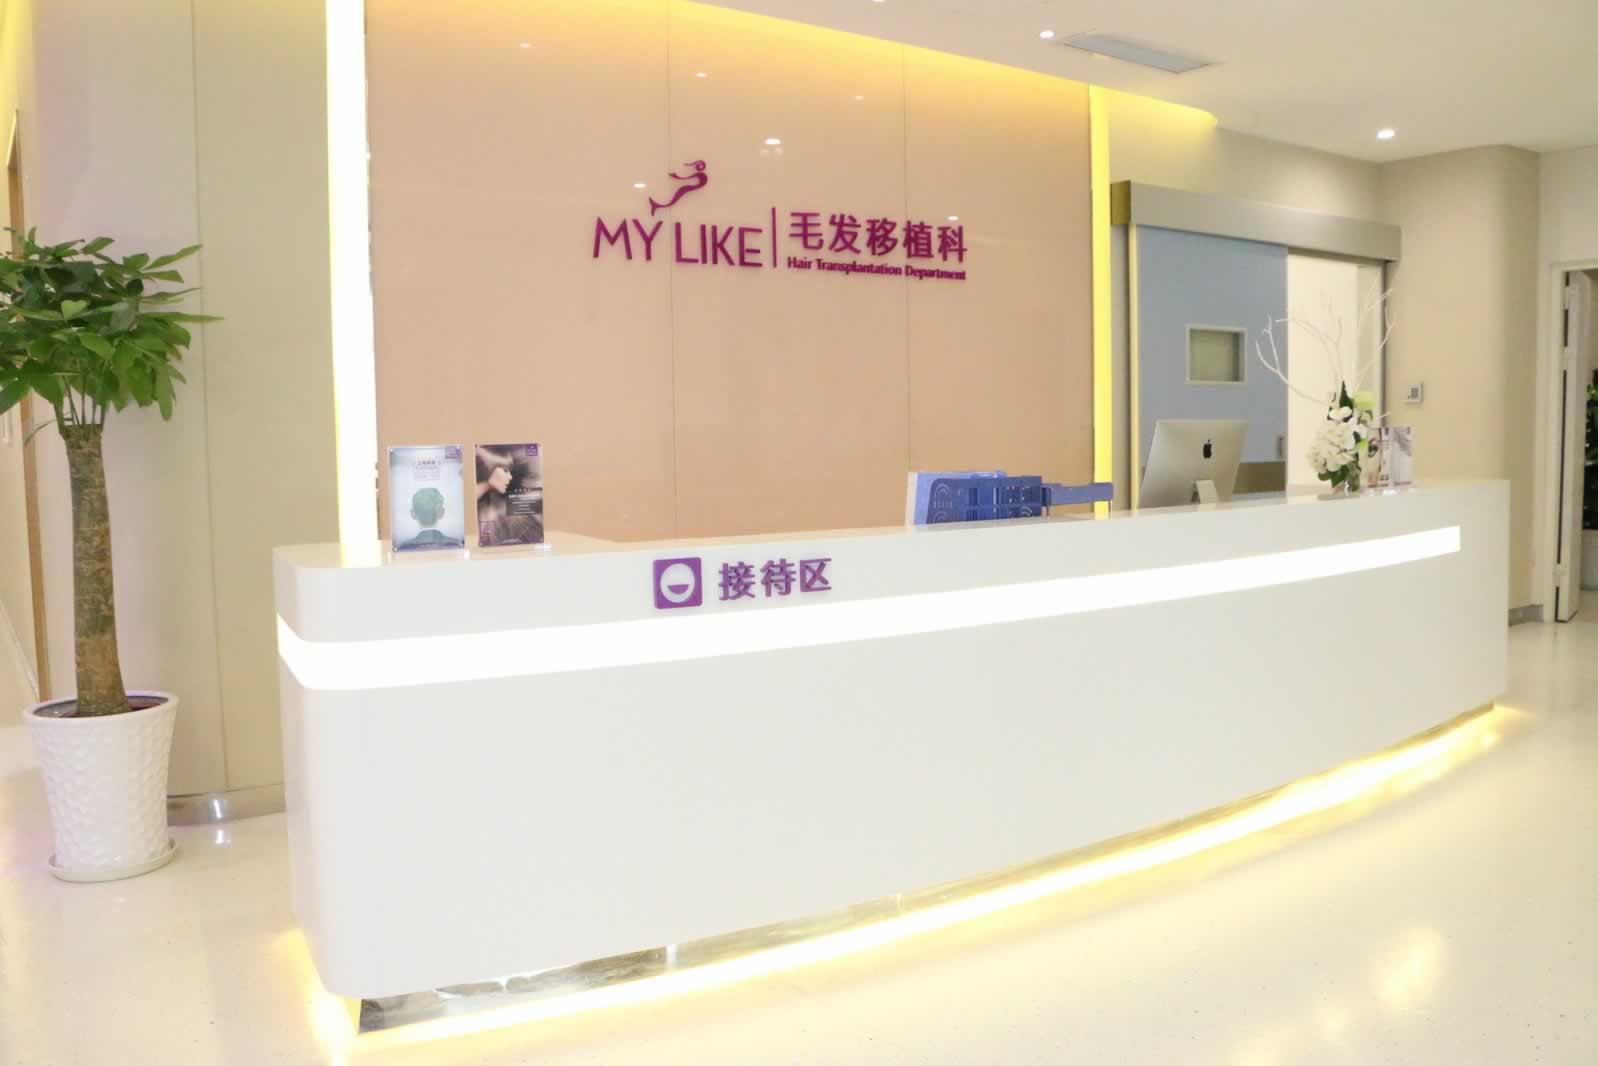 上海美莱医疗整形美容价格表,手术费贵吗?